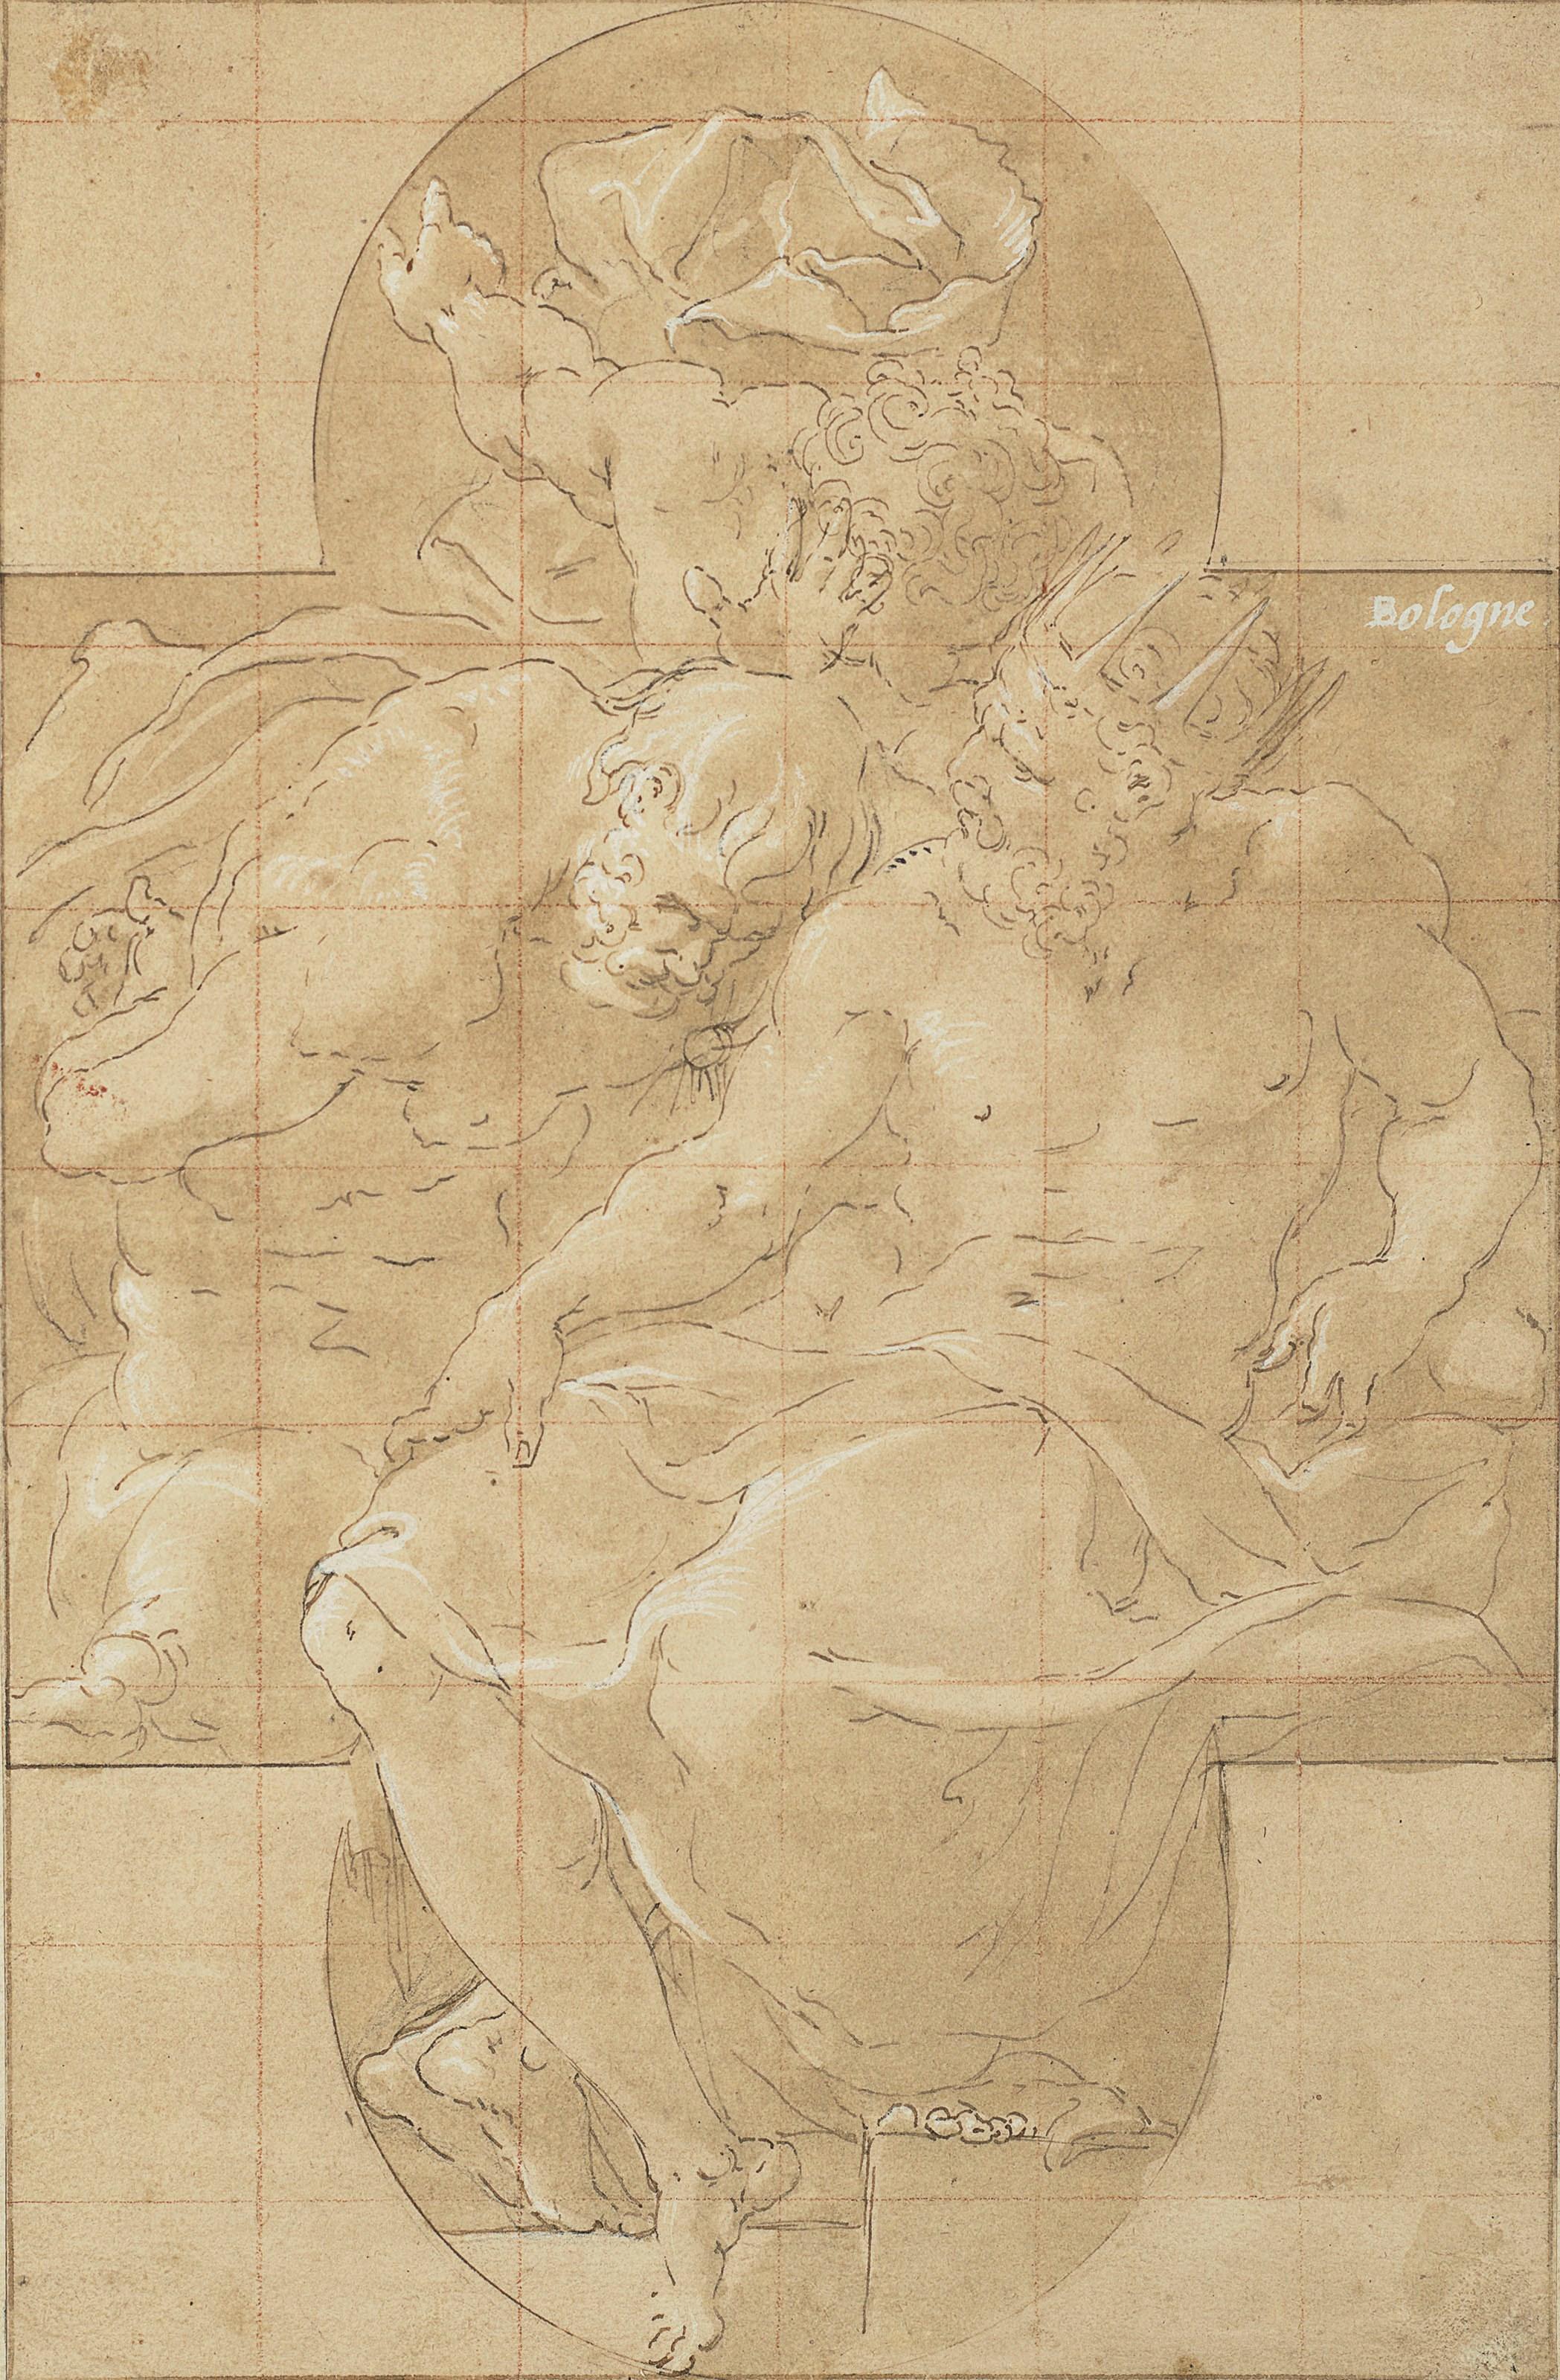 弗兰西斯科‧普列马提乔(1504-1570),《波利米斯托诛杀波里德诺斯》(或普里阿摩斯国王与西农),10 x 6 ½吋(25.3 x 16.4公分),估价:100,000-150,000美元。此拍品于2019年1月31日在佳士得纽约古典大师素描及英国绘画拍卖中呈献。